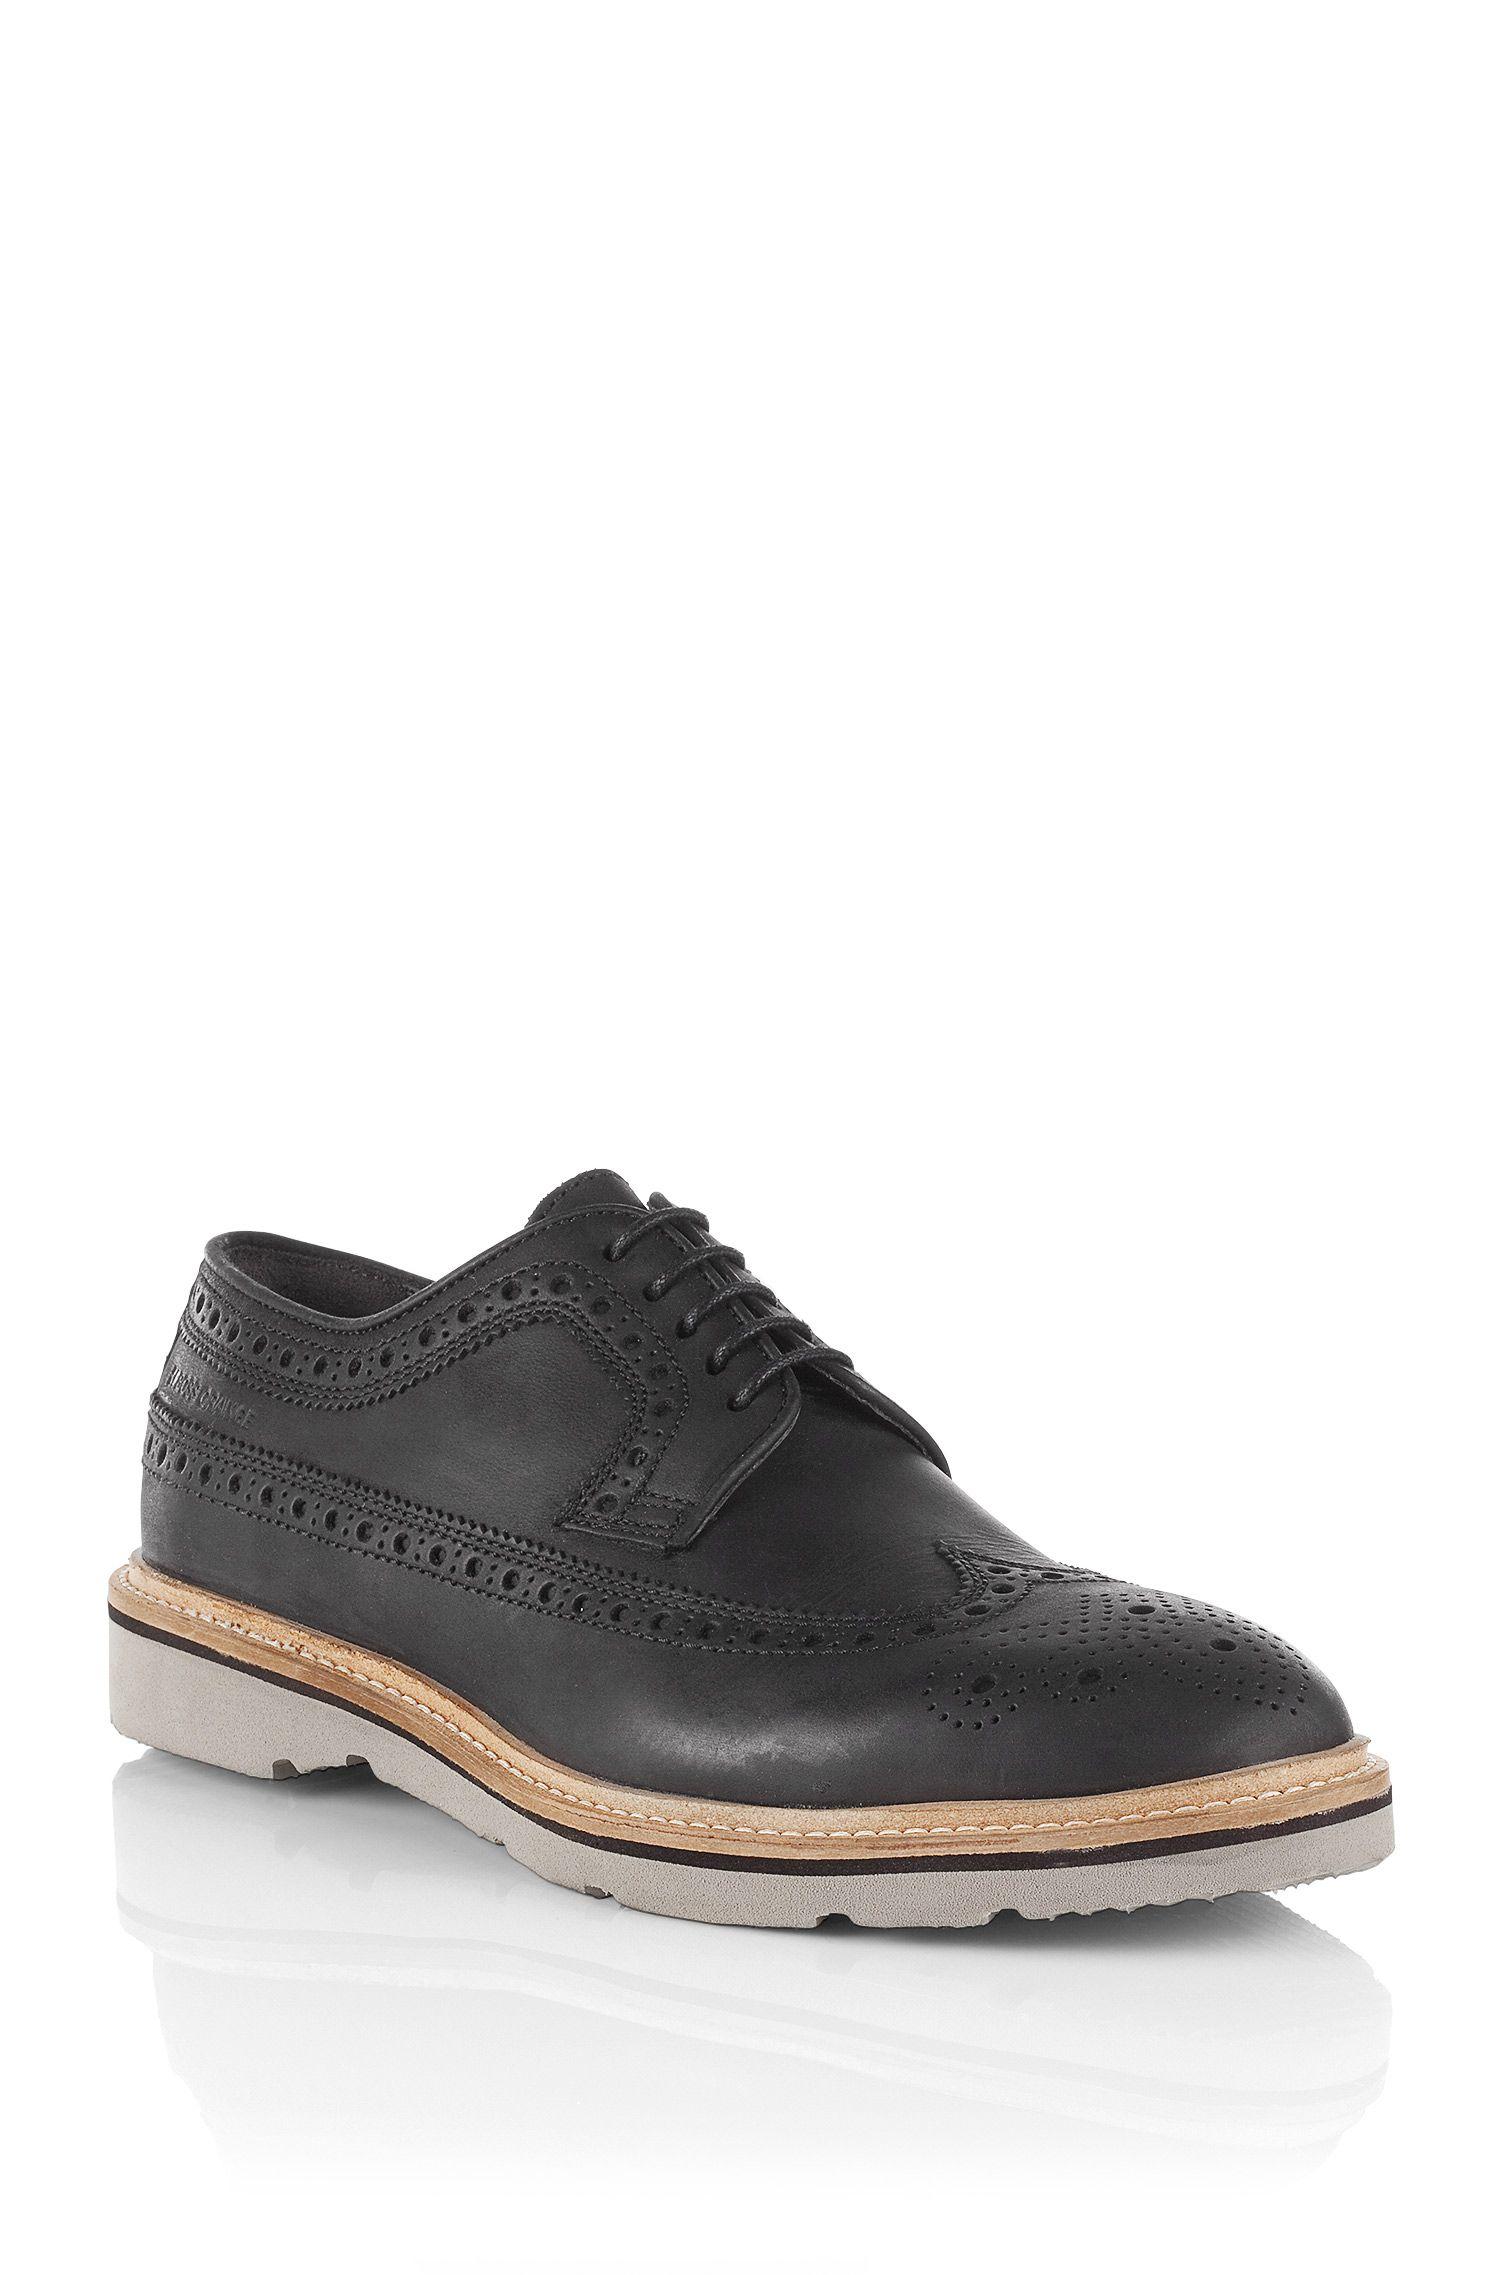 Halfhoge schoenen 'Bravox' van kalfsleer